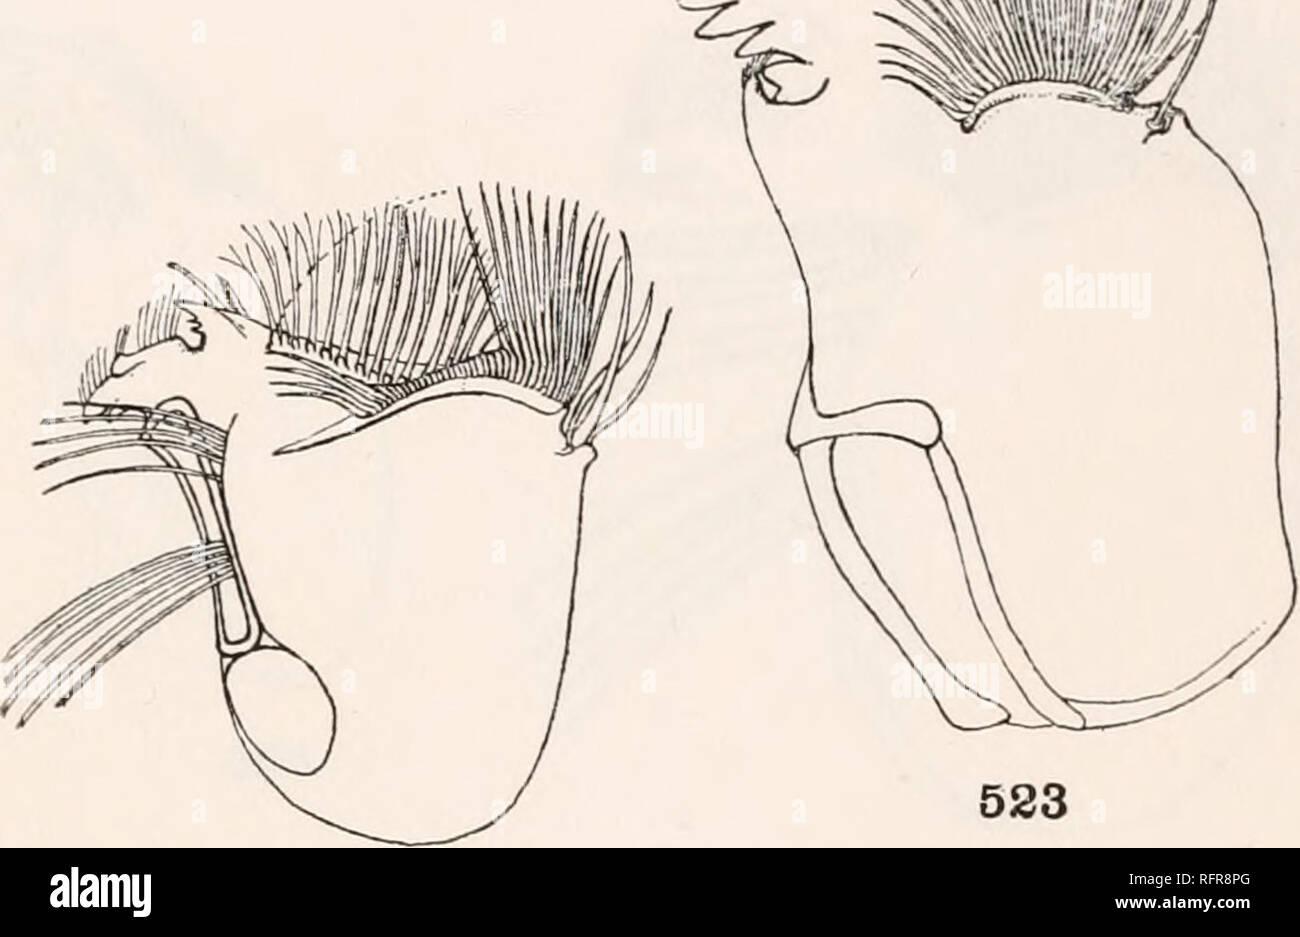 """. Publicación de la Carnegie Institution de Washington. * 522%! """"Me ;;. 526 Las mandíbulas de las larvas. 520. Sabethinus undosus Coquillett. $21. Wyeomyia sororcula Dyar &Amp; Knab. 522. Rapax Lesticocampa Dyar &Amp; Knab. 523. Joblotia digitatus Rondani. 524. Cáncer Deinocerites Theobald. 525. Culex pleuristriatus Theobald. 526. Culex rejector Dyar &Amp; Knab. 527. Culex corniger Theobald. 528. Culex divisor Dyar &Amp; Knab.. Por favor tenga en cuenta que estas imágenes son extraídas de la página escaneada imágenes que podrían haber sido mejoradas digitalmente para mejorar la legibilidad, la coloración y el aspecto de estas ilustraciones pueden no pe Imagen De Stock"""